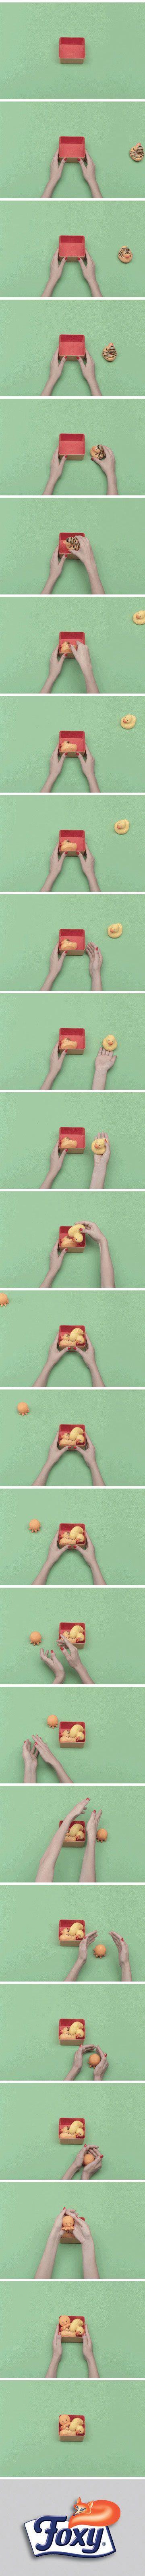 Fare il bagno con le paperelle è più divertente. :-) Ma dopo rimettile a posto! Scopri come http://www.foxymega.it/organize/impara-come-organizzarlo.php?id=Paperelle #foxy #optimize #ordine #paperelle #bagno #acqua #conservare #organization #ideas #home #space